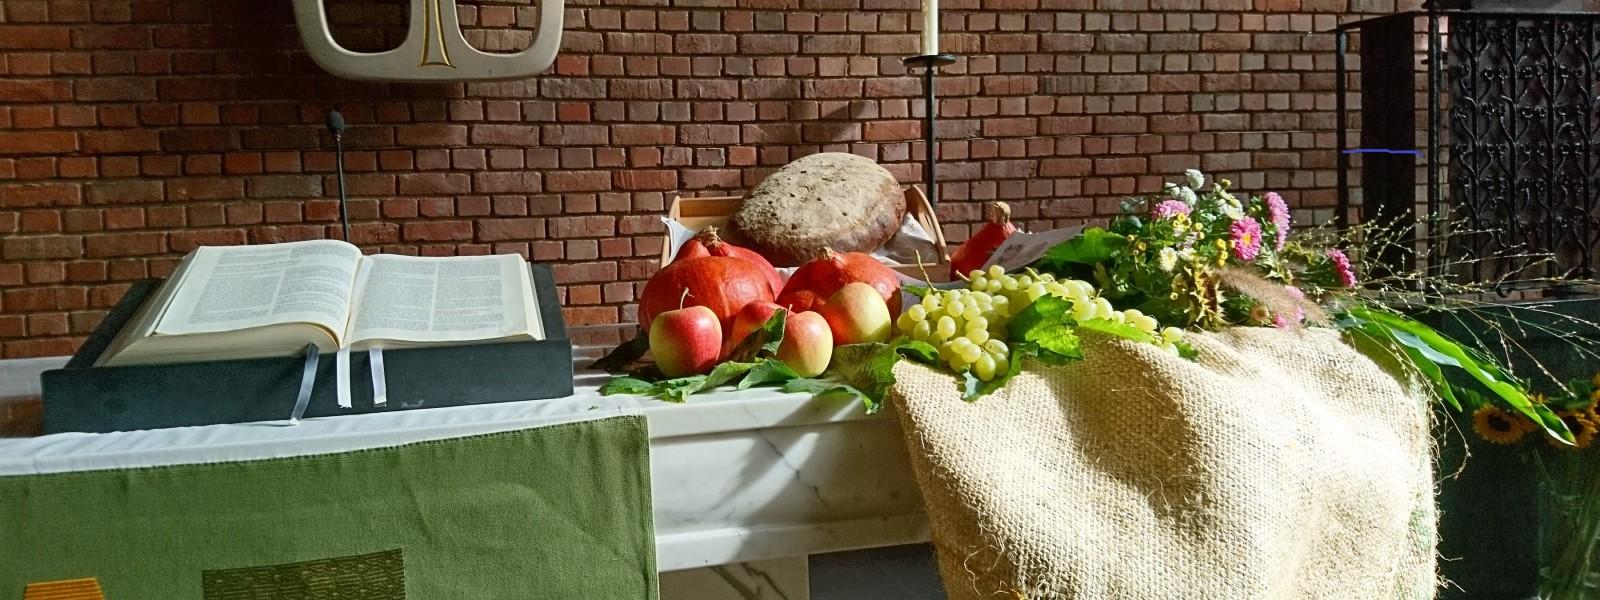 Altar mit Bibel und Erntedank-Gaben. Lukaskirche Bonn, 30.09.2018.